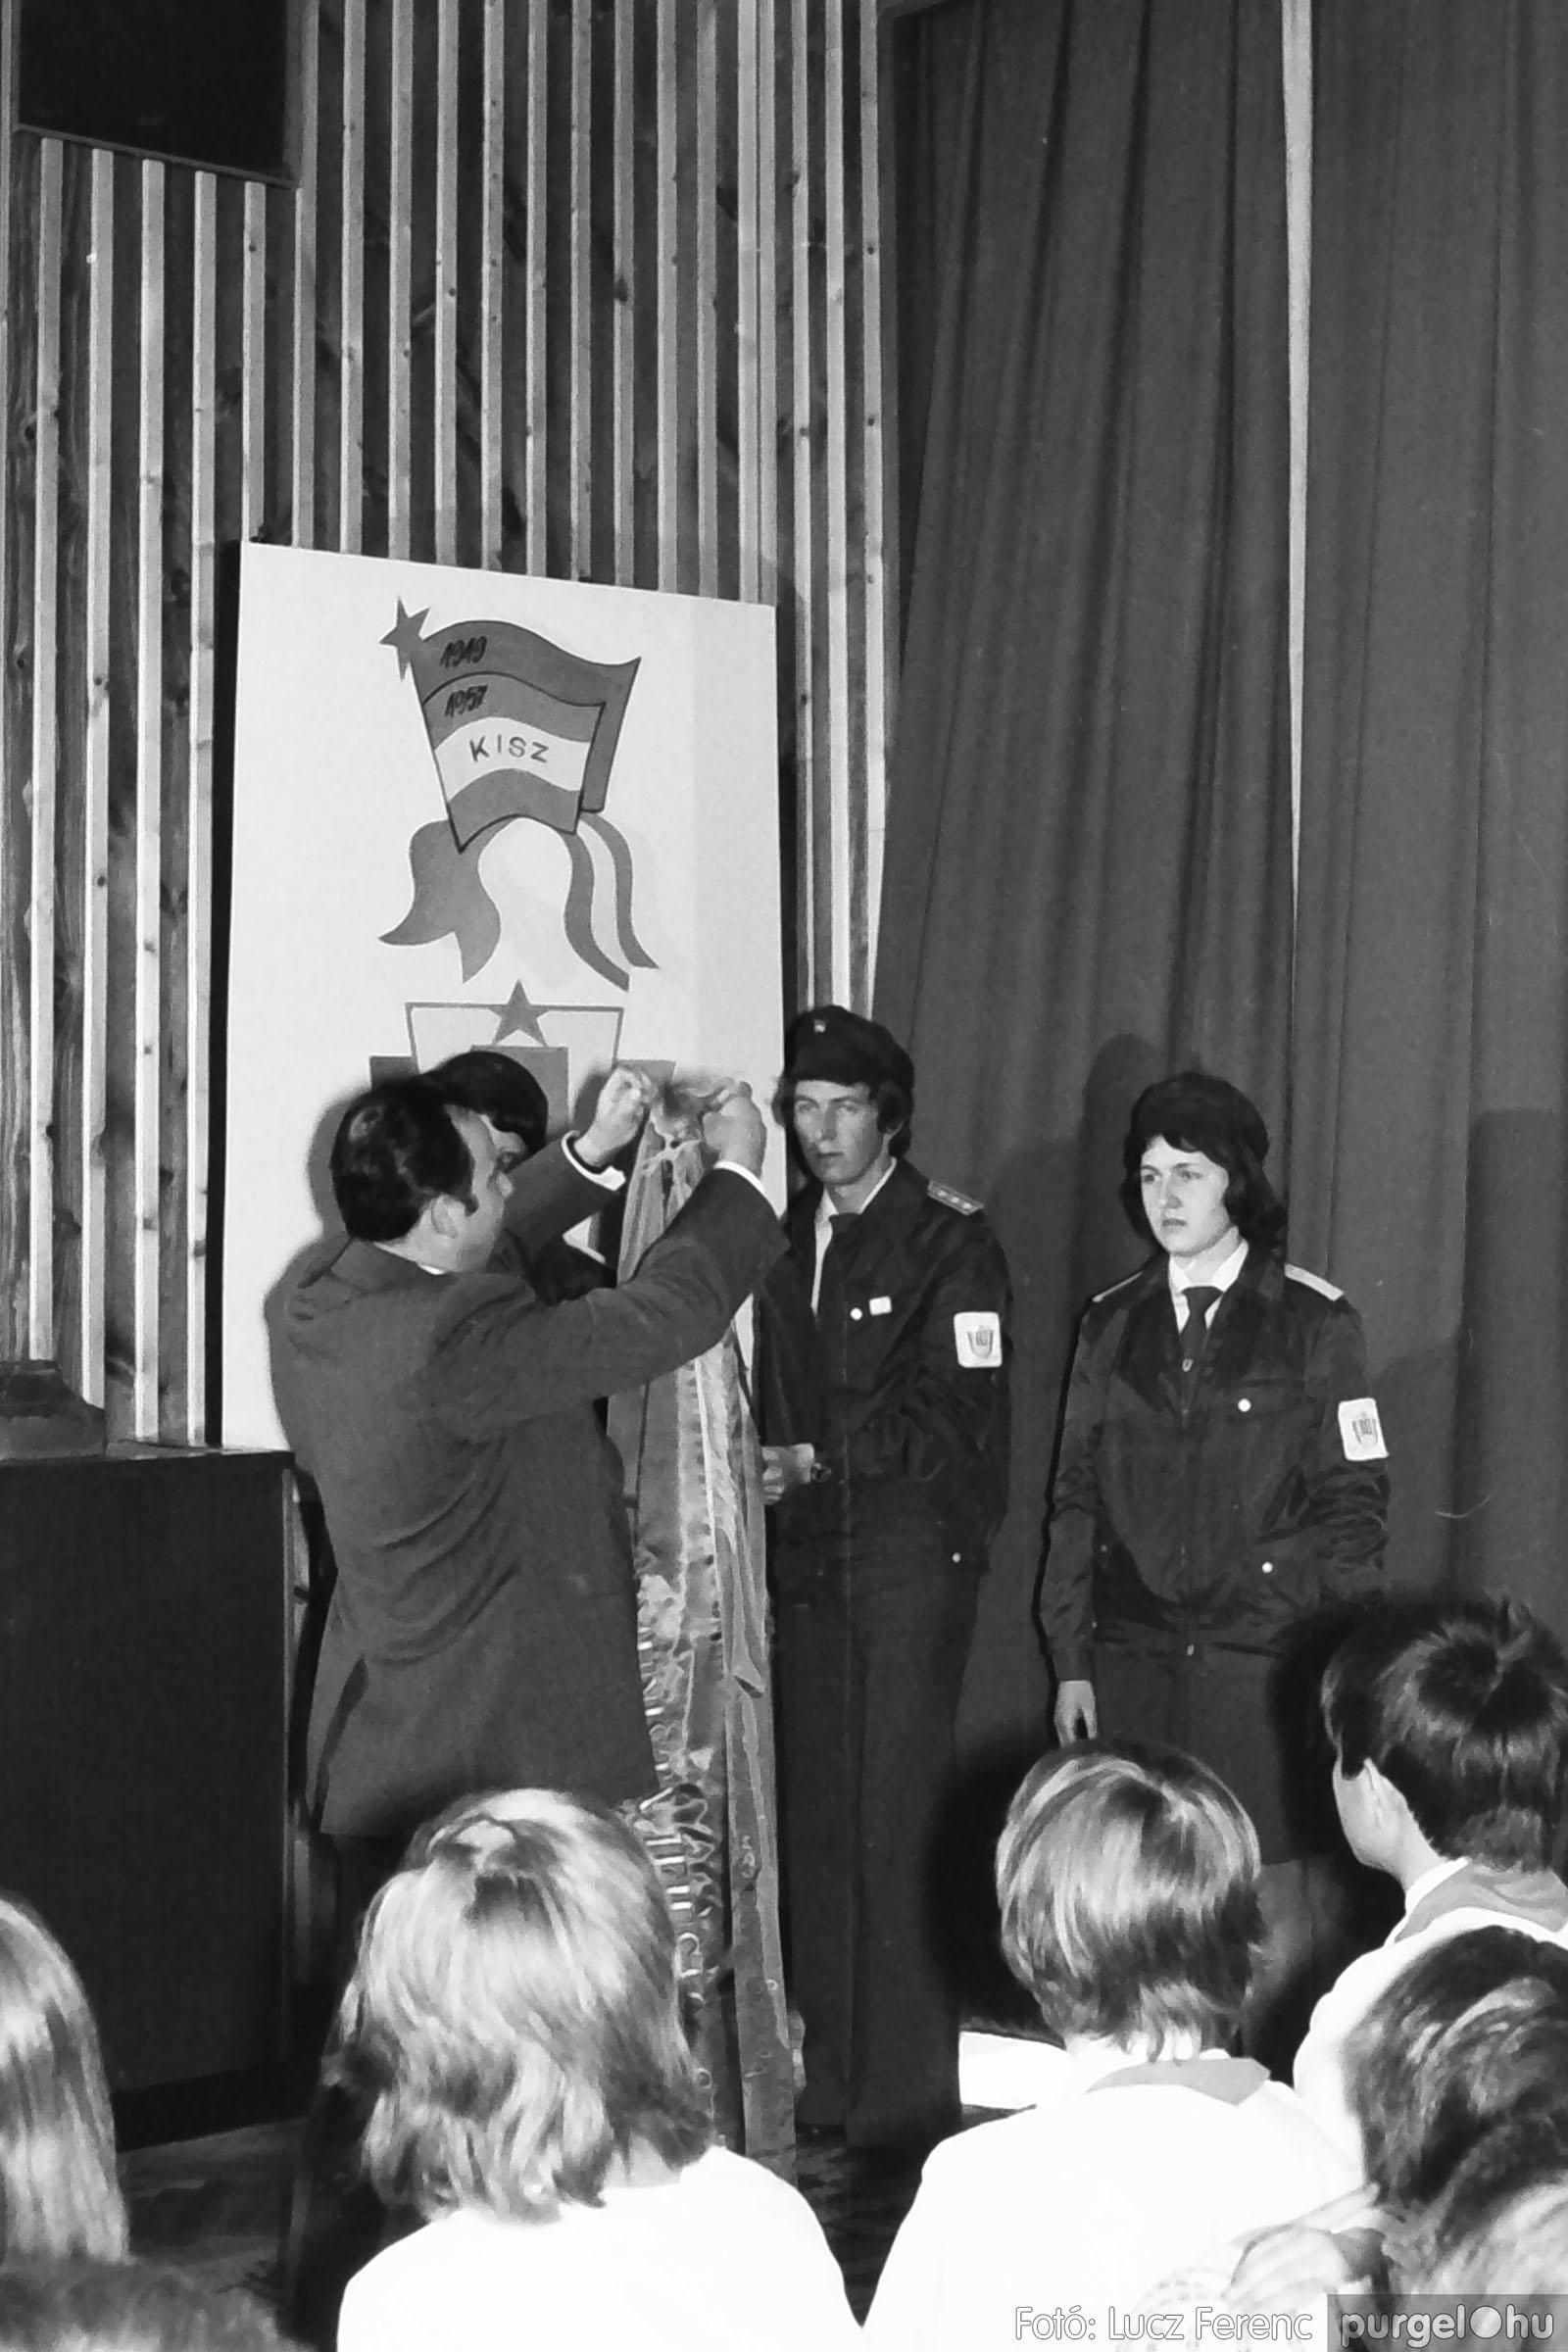 039. 1976.04.04. Április 4-i ünnepség a kultúrházban 014. - Fotó: Lucz Ferenc.jpg